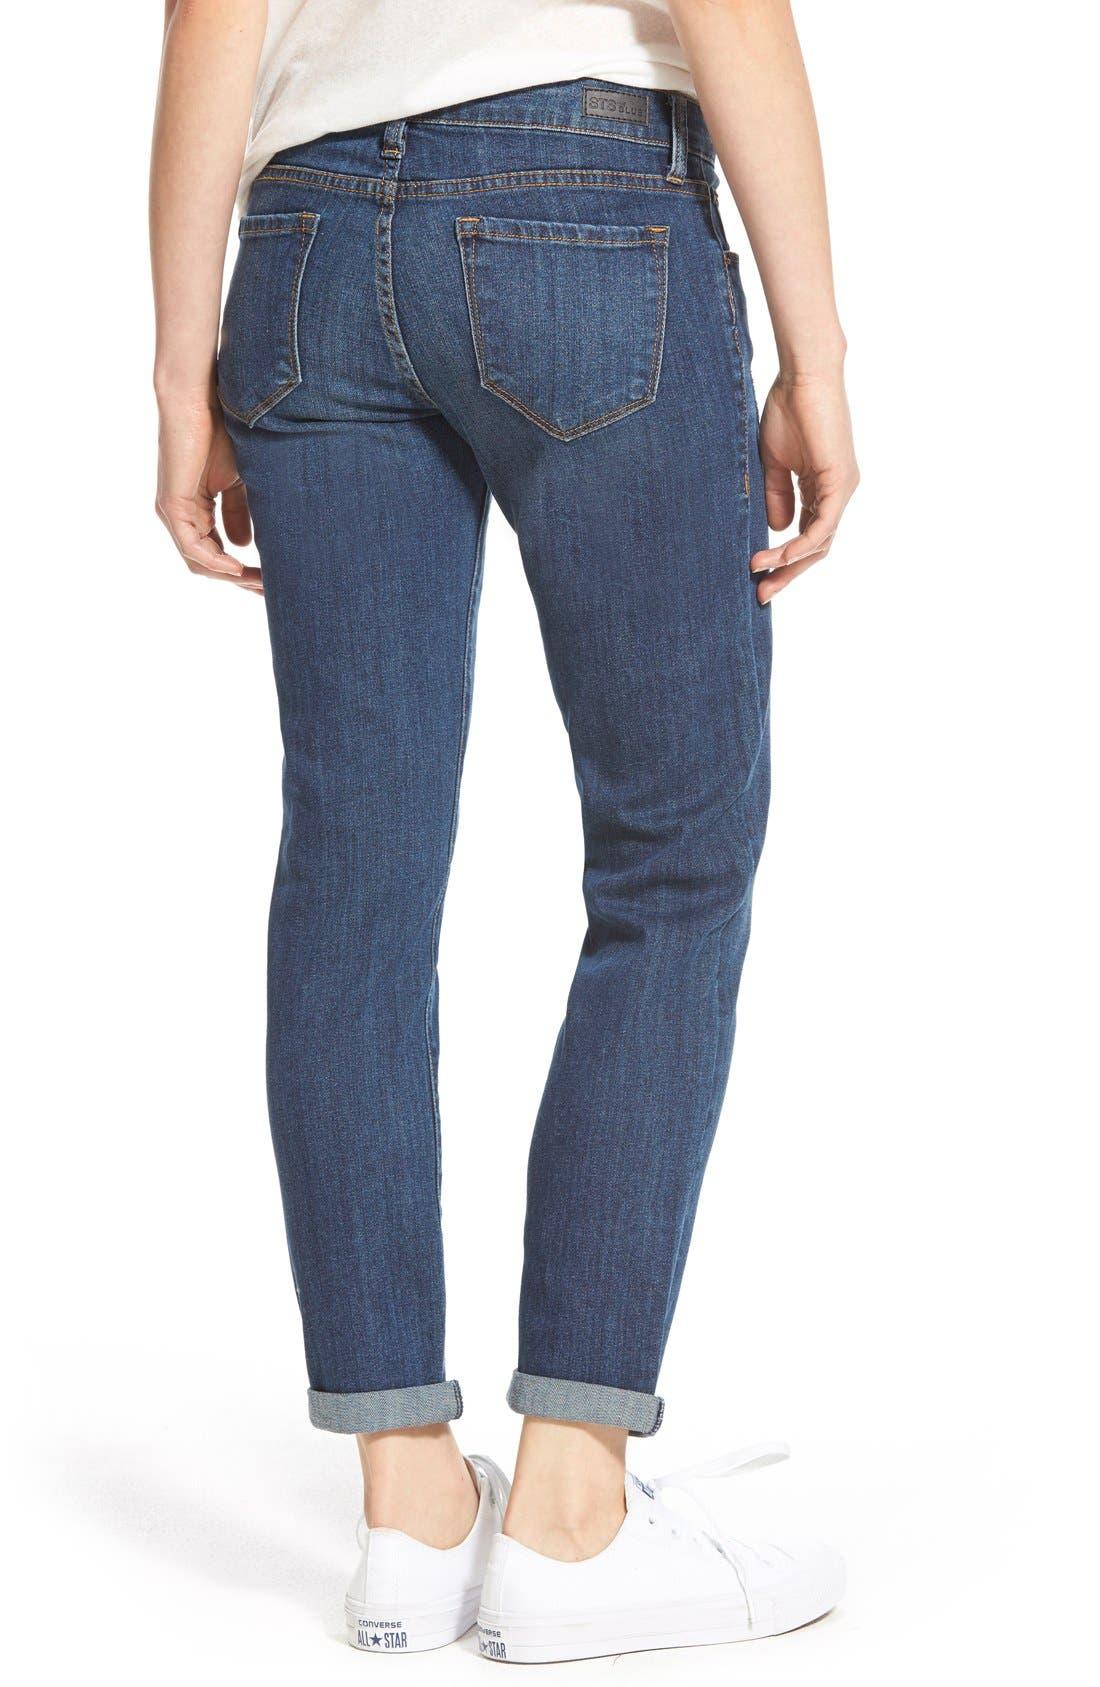 Alternate Image 3  - STSBlue 'Joey' Low Rise Boyfriend Jeans (Big Bear)